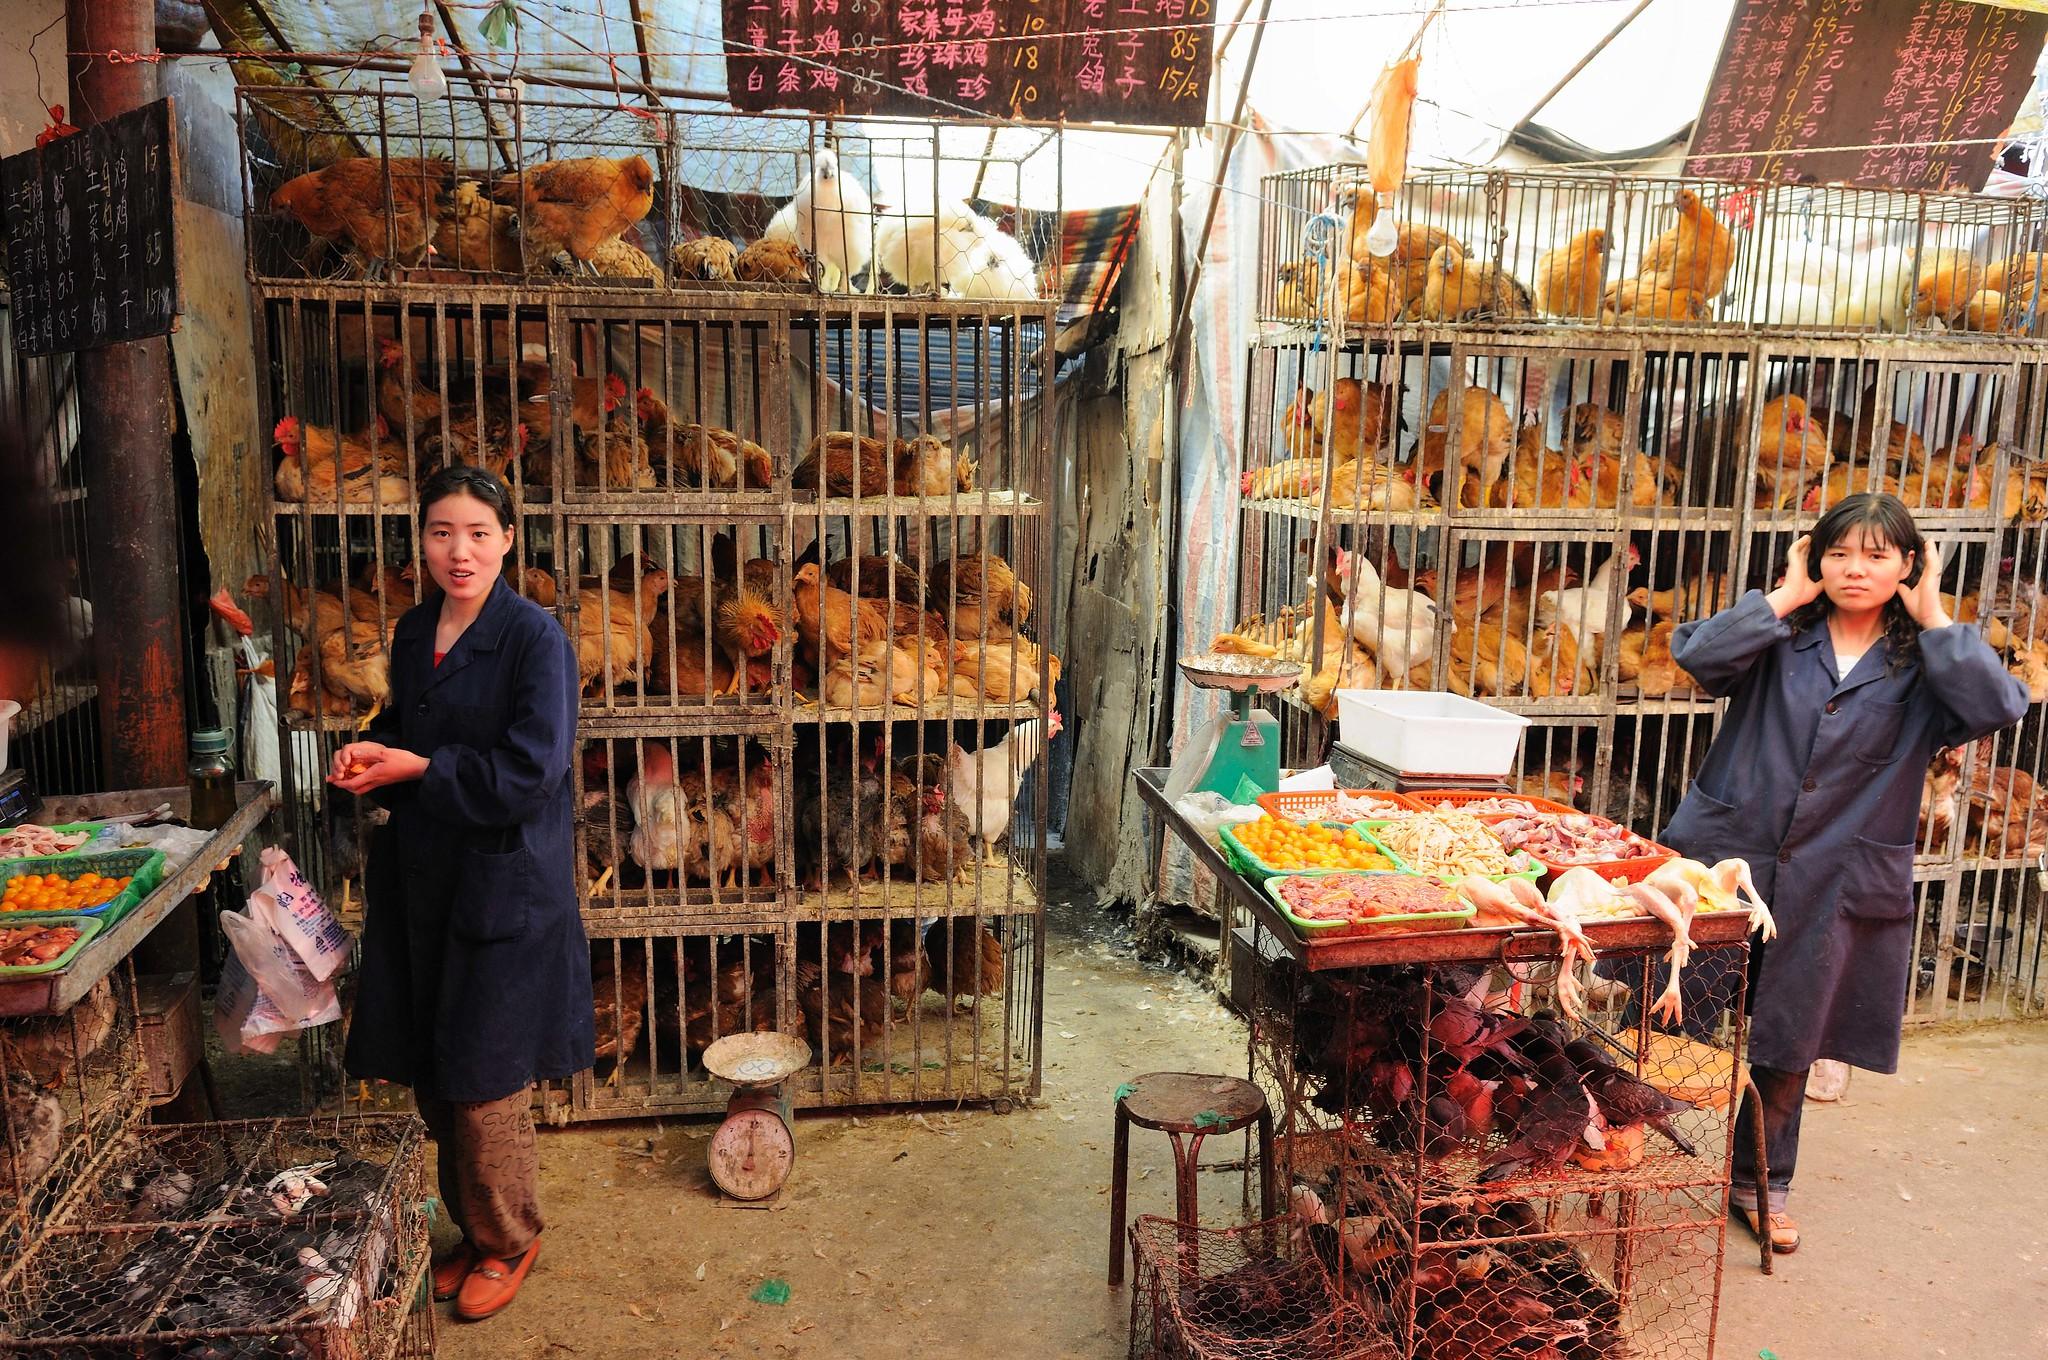 Bird flu spreads via live markets – Expert Reaction